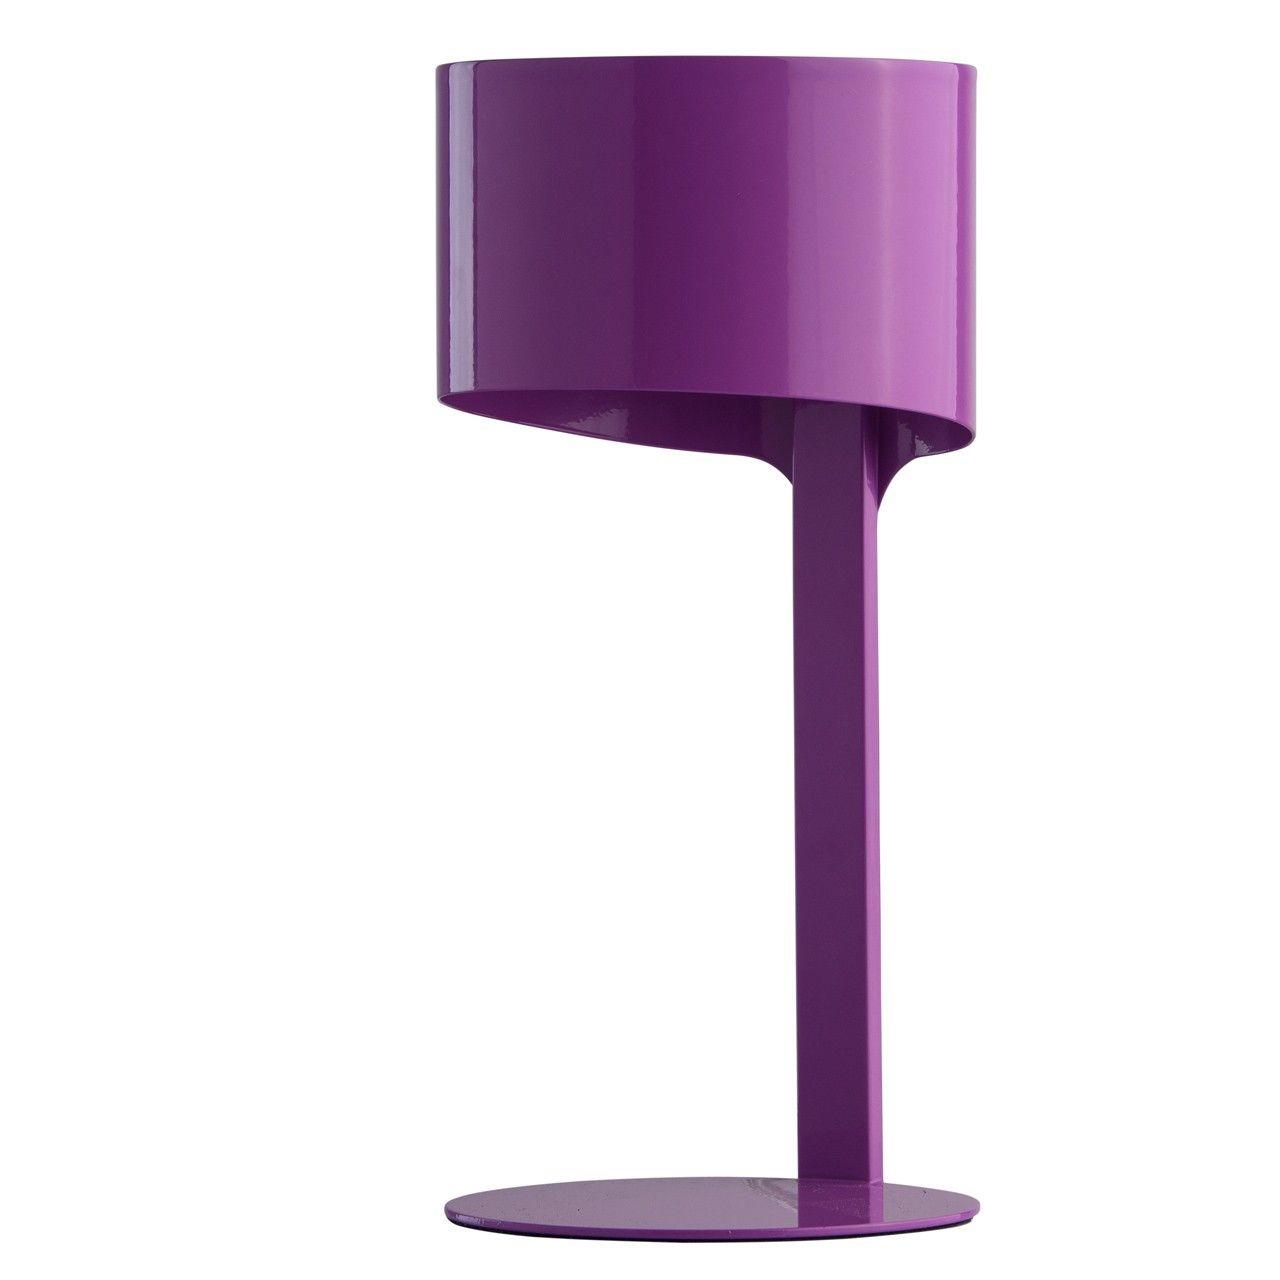 Лампа настольная MW-Light 681030501 1/40w e14 лампа настольная из дерева и металла tinus